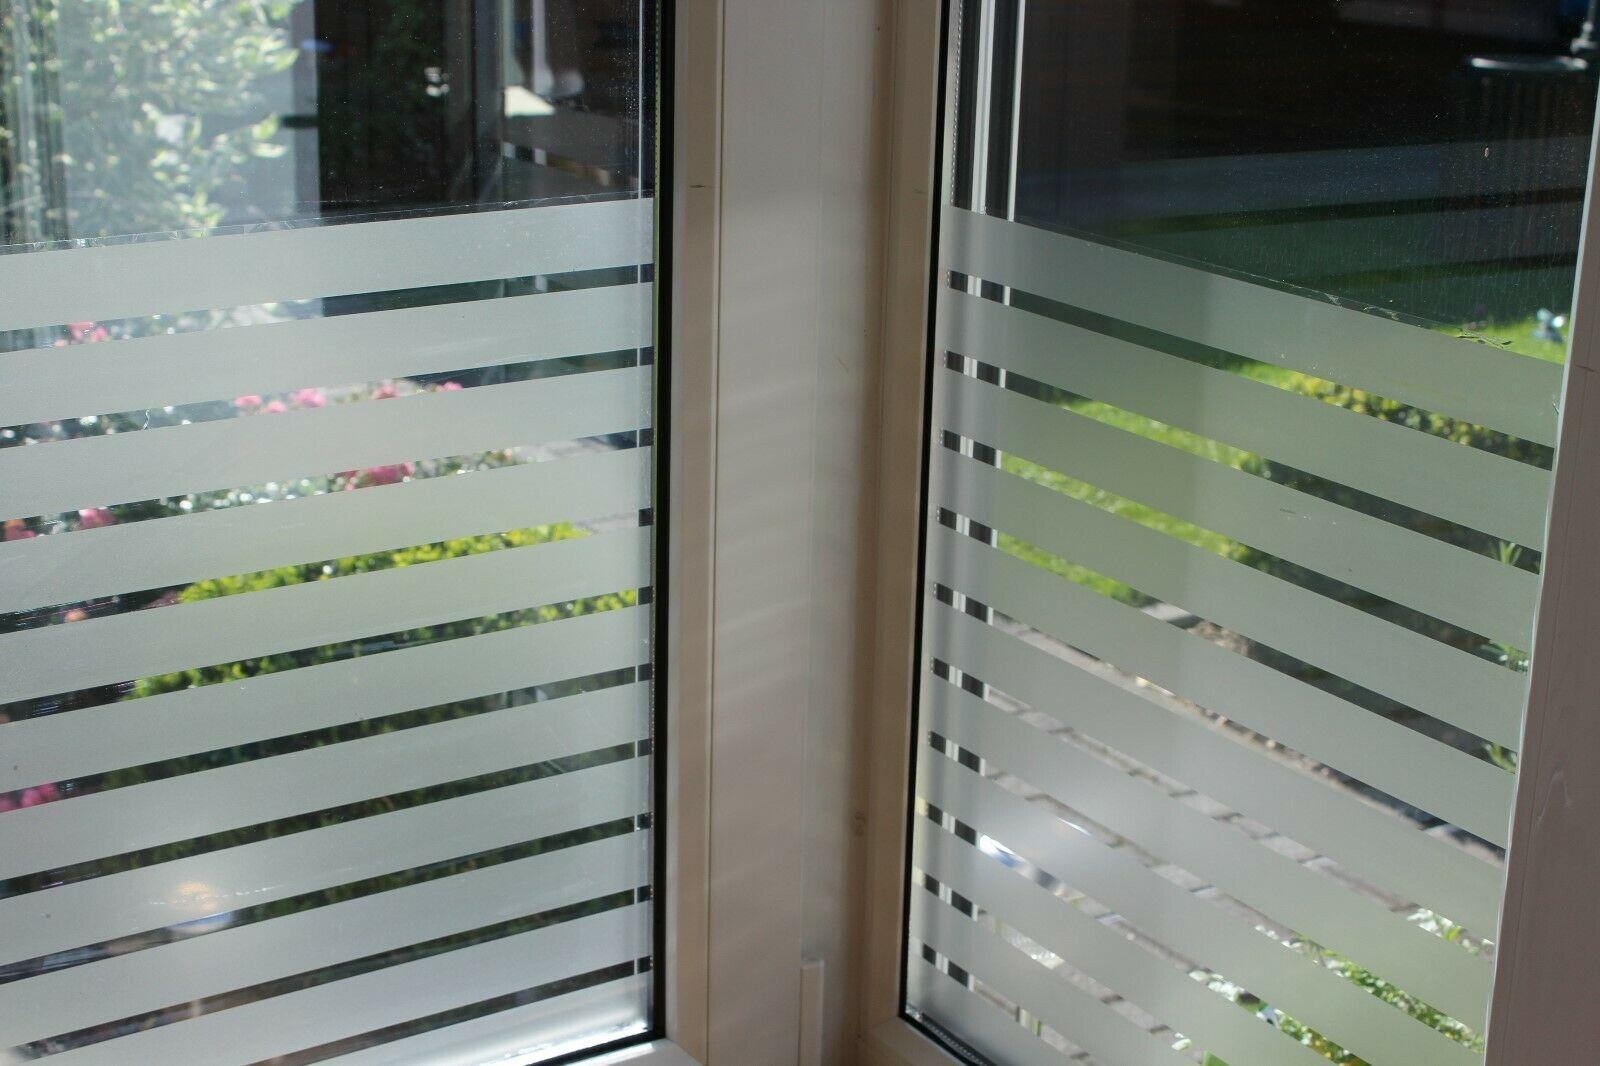 Full Size of Klebefolie Fenster Gitter Einbruchschutz Sicherheitsfolie Dreifachverglasung Konfigurieren Einbauen Kosten Fliegengitter Standardmaße Veka Preise Rolladen Fenster Klebefolie Fenster